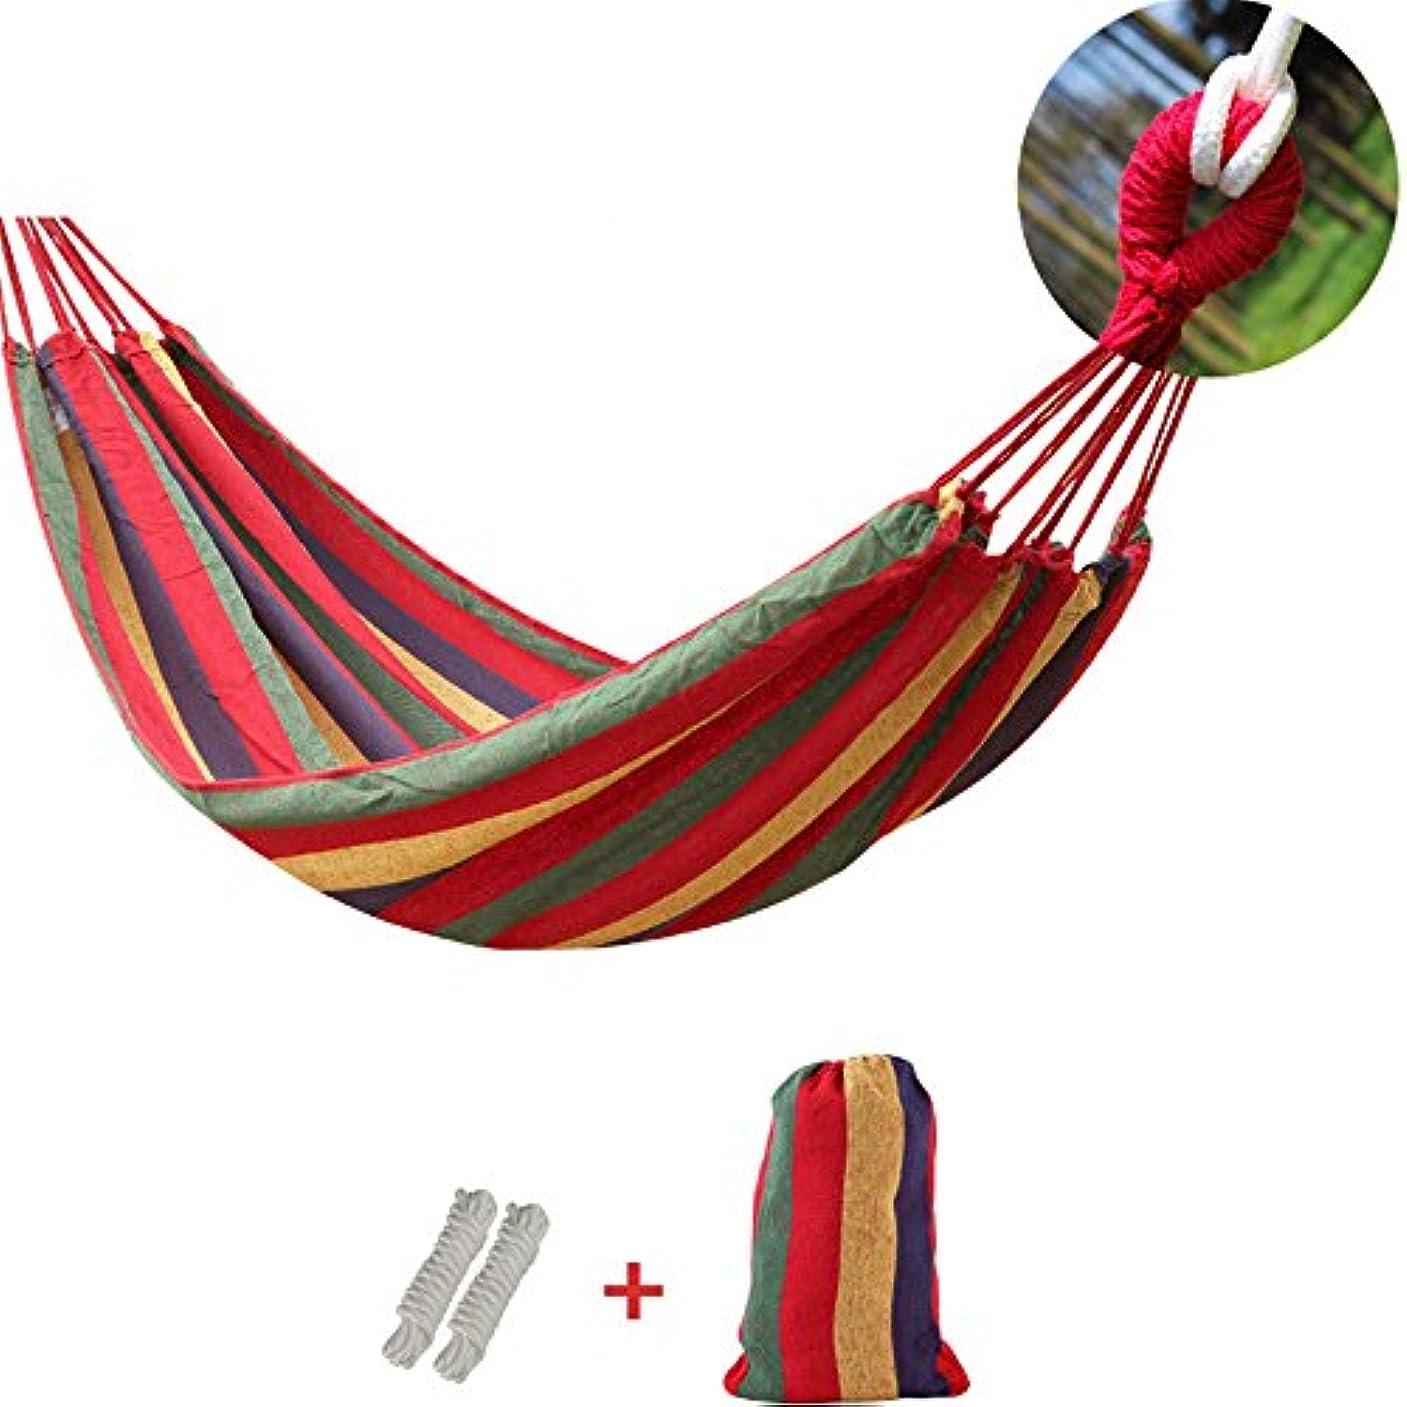 驚かす安全サーキュレーションシングルダブル厚いキャンバスハンモック学生寝室吊り椅子多機能クレードル屋外レジャー睡眠ハイキング様々な用途 (サイズ さいず : 赤)